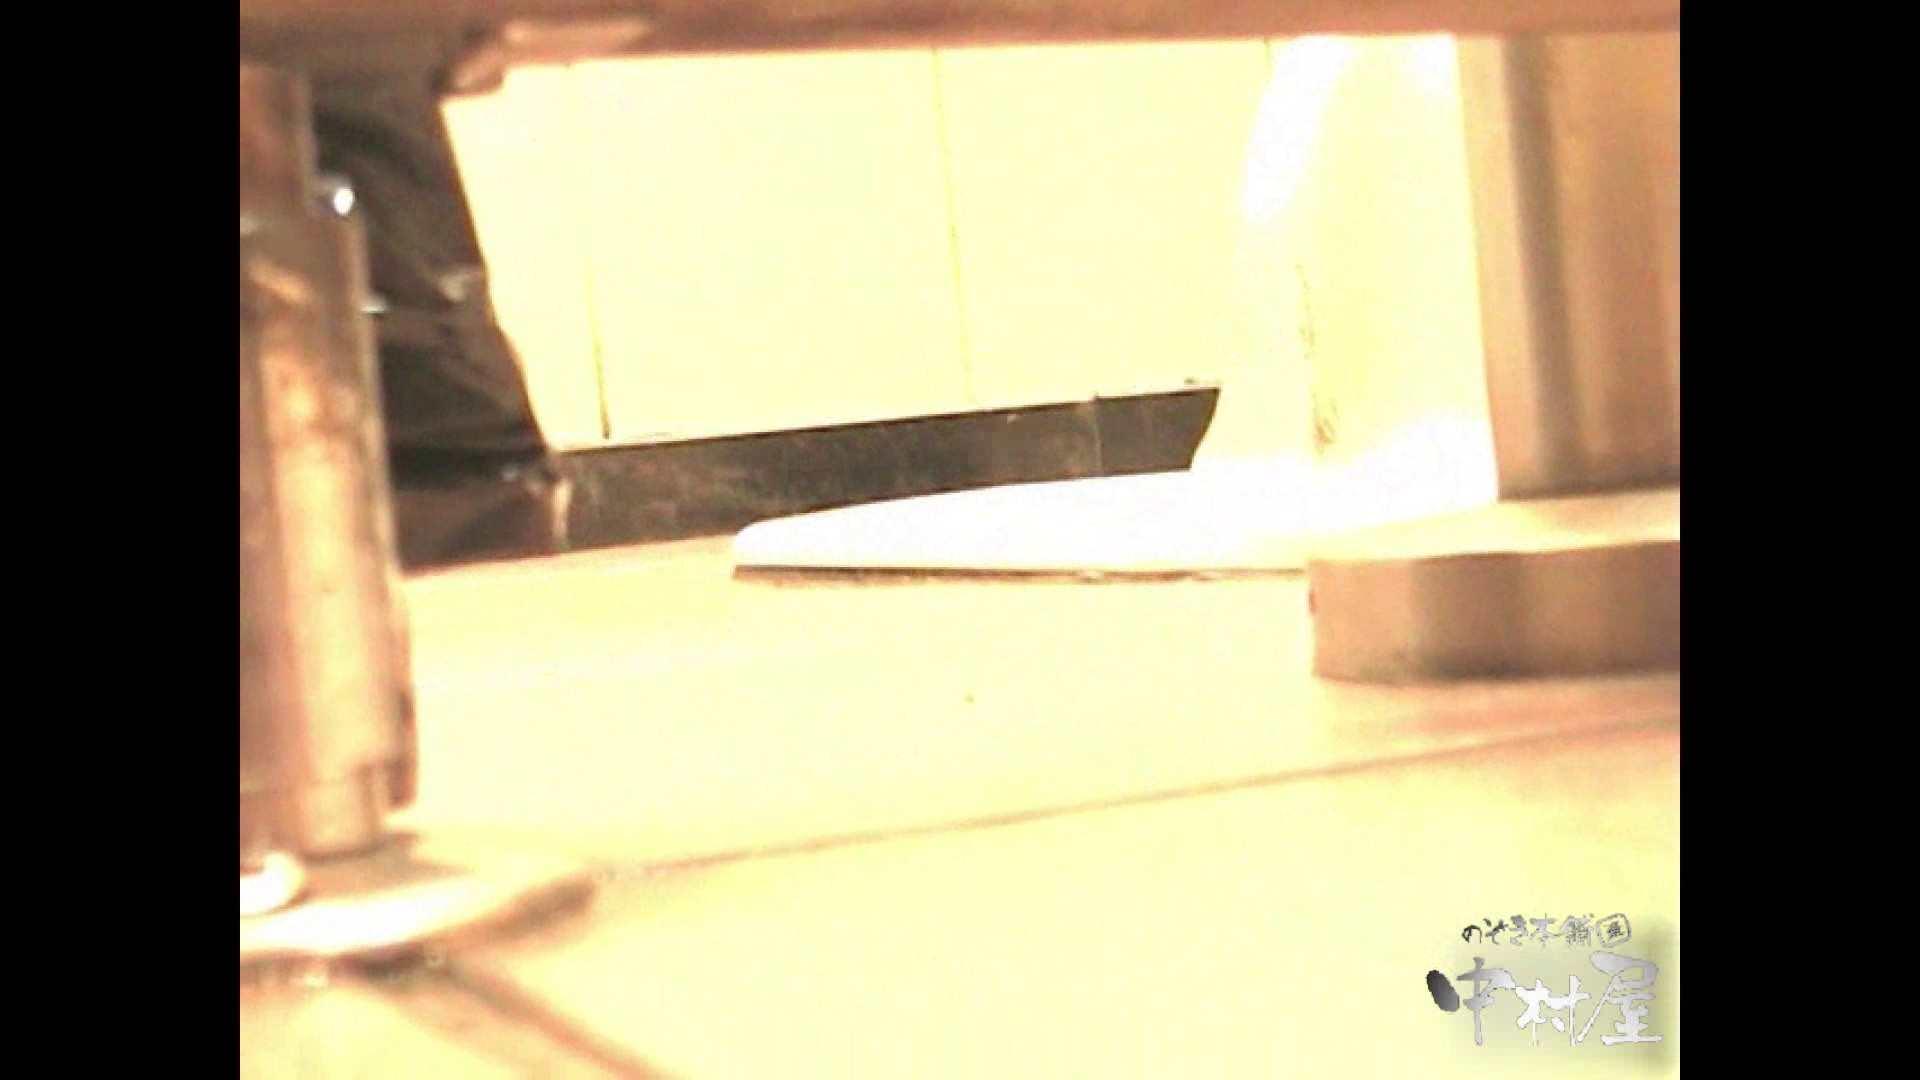 岩手県在住盗撮師盗撮記録vol.02 たまらん肛門 SEX無修正画像 53連発 27